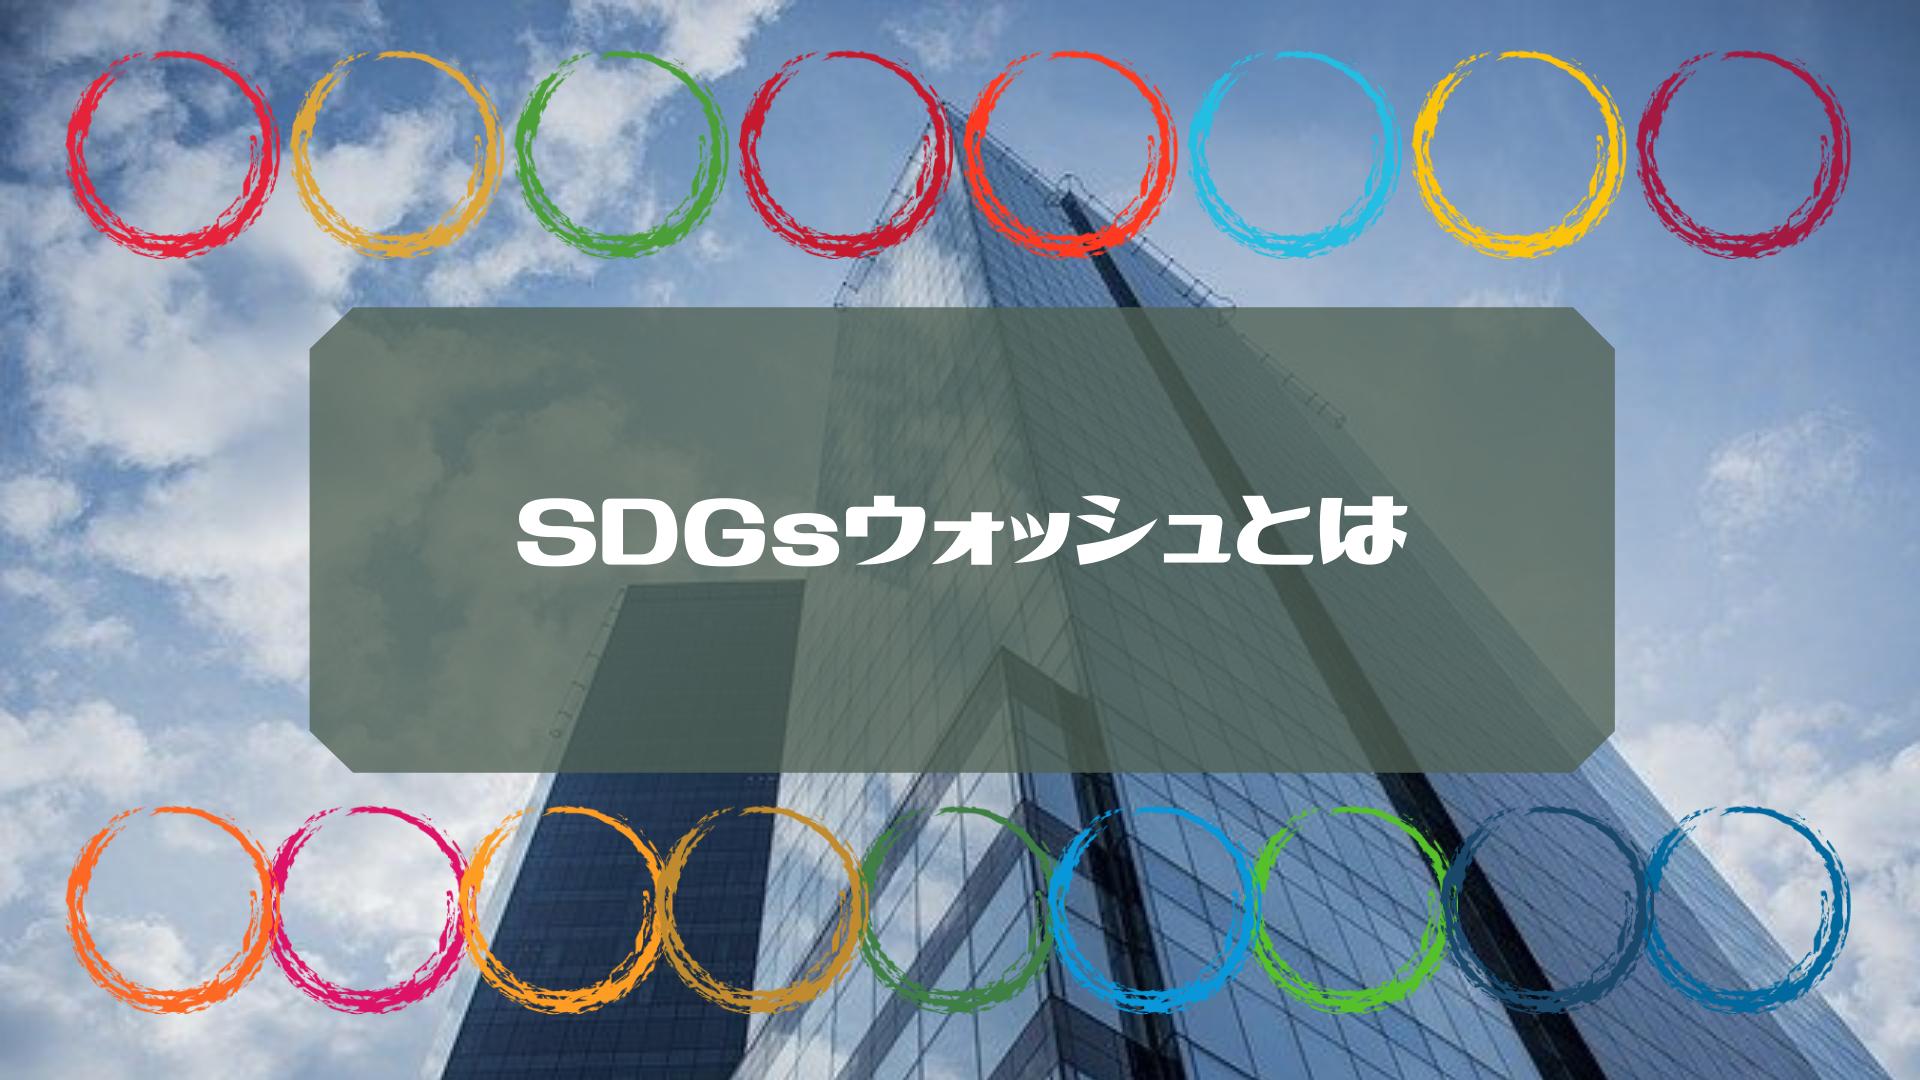 SDGsウォッシュとは|SDGsウォッシュと指摘されないための取り組み方も